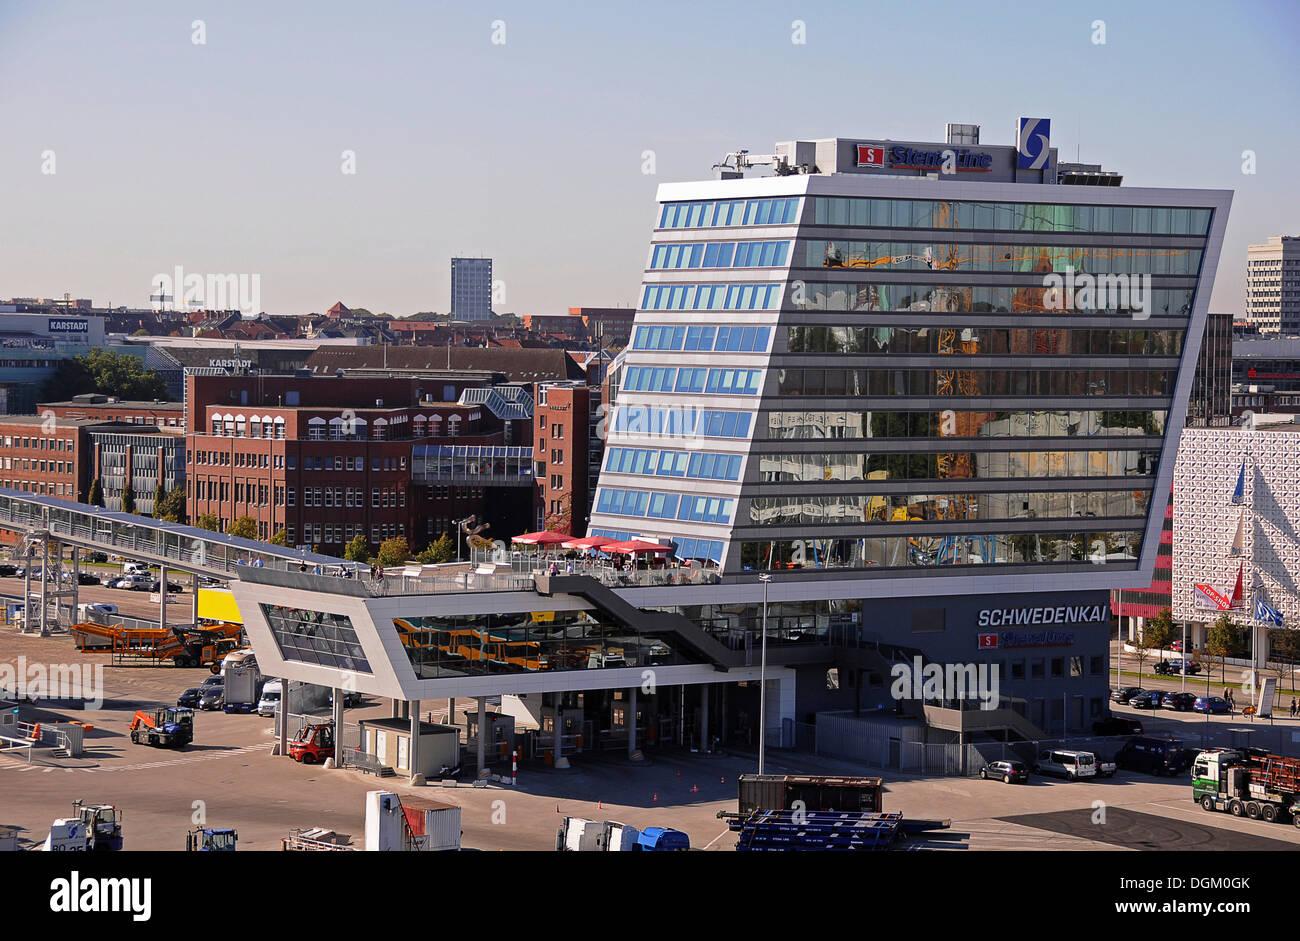 Vue sur le port de Kiel, Schweden Terminal, Kiel, Schleswig-Holstein Banque D'Images